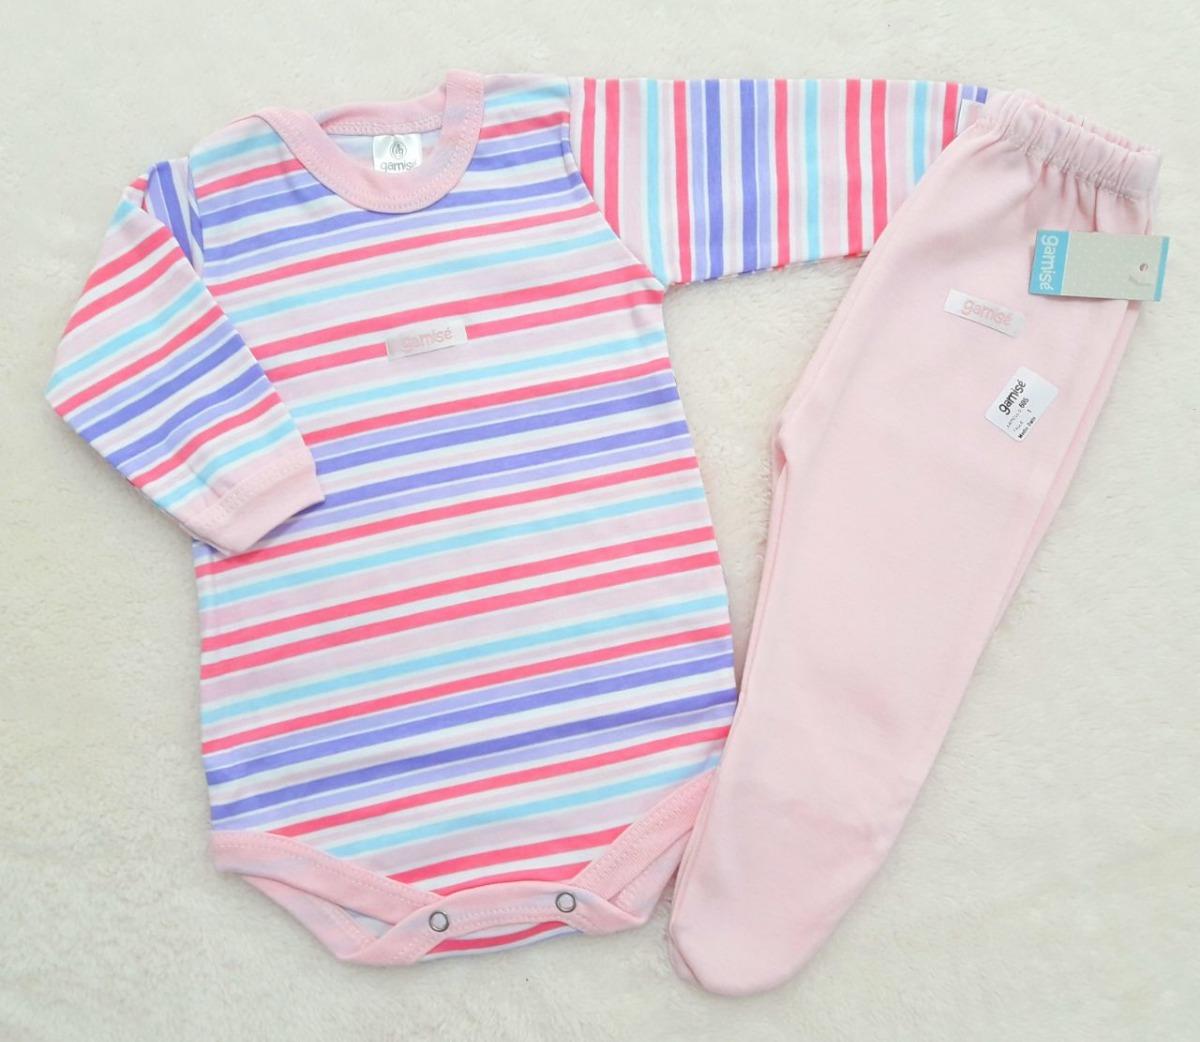 4f41a73fa conjunto 9 meses body y ranita talle 4 bebé gamisé ropa nena. Cargando zoom.